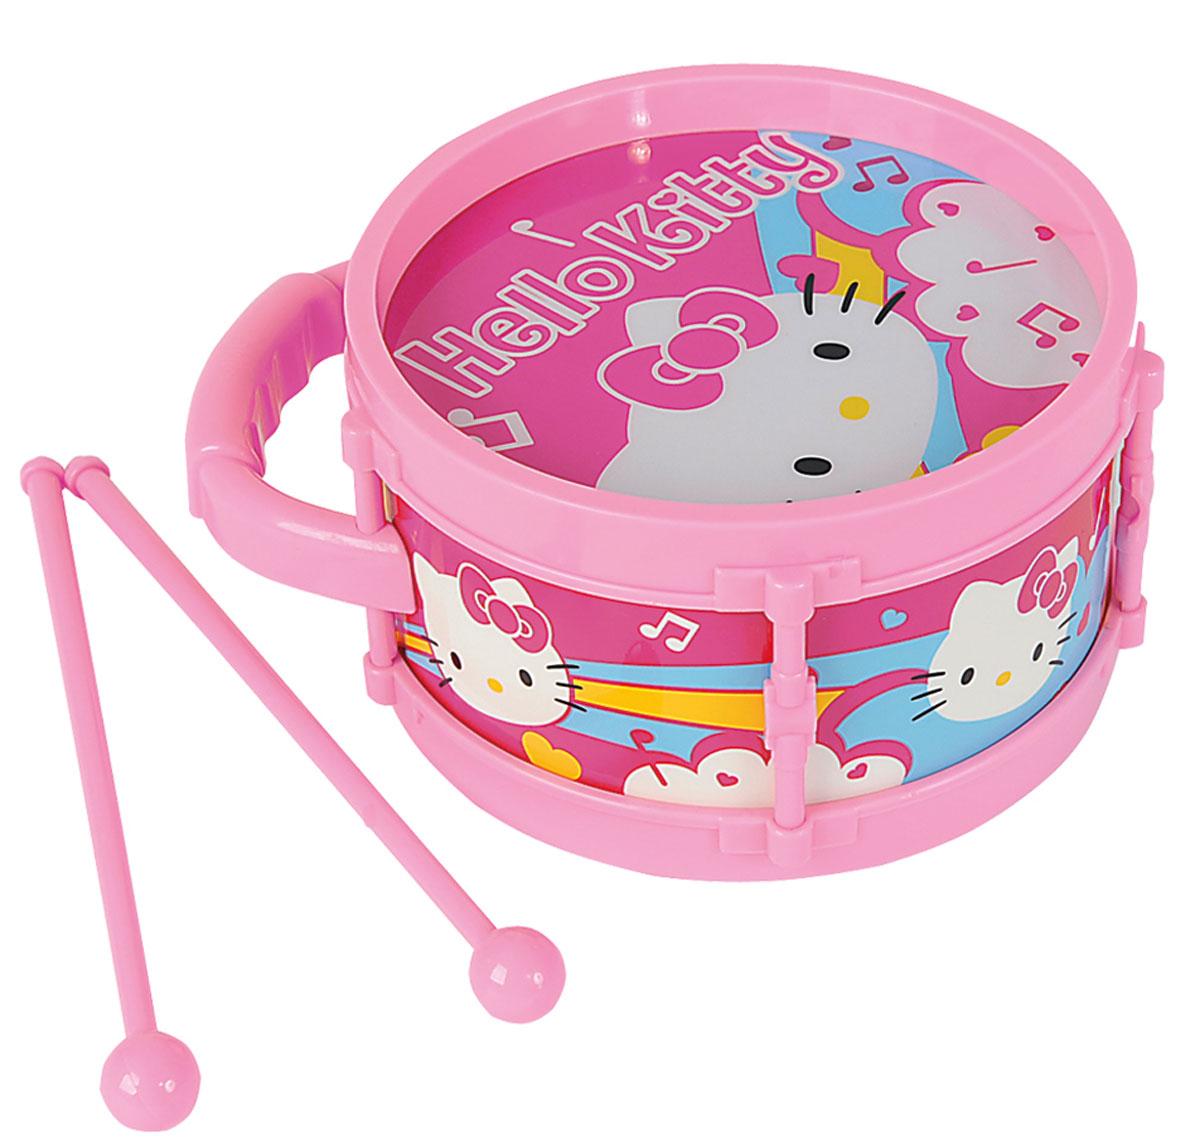 Simba Барабан Hello Kitty6835364Барабан Simba Hello Kitty не позволит скучать вашему малышу. Он выполнен из прочного и безопасного для ребенка материала. Барабан оснащен двумя пластиковыми барабанными палочками и оформлен изображением милой кошечки Китти. Он имитирует настоящий инструмент и звучит достаточно громко и внушительно. Яркая расцветка барабана привлечет внимание и поднимет настроение малыша. Эта яркая и веселая игрушка, с помощью которой вы сможете привить ребенку любовь к музыке. Барабан Simba Hello Kitty поможет развить слух, чувство ритма и музыкальные способности малыша, и он порадует вас веселым концертом.